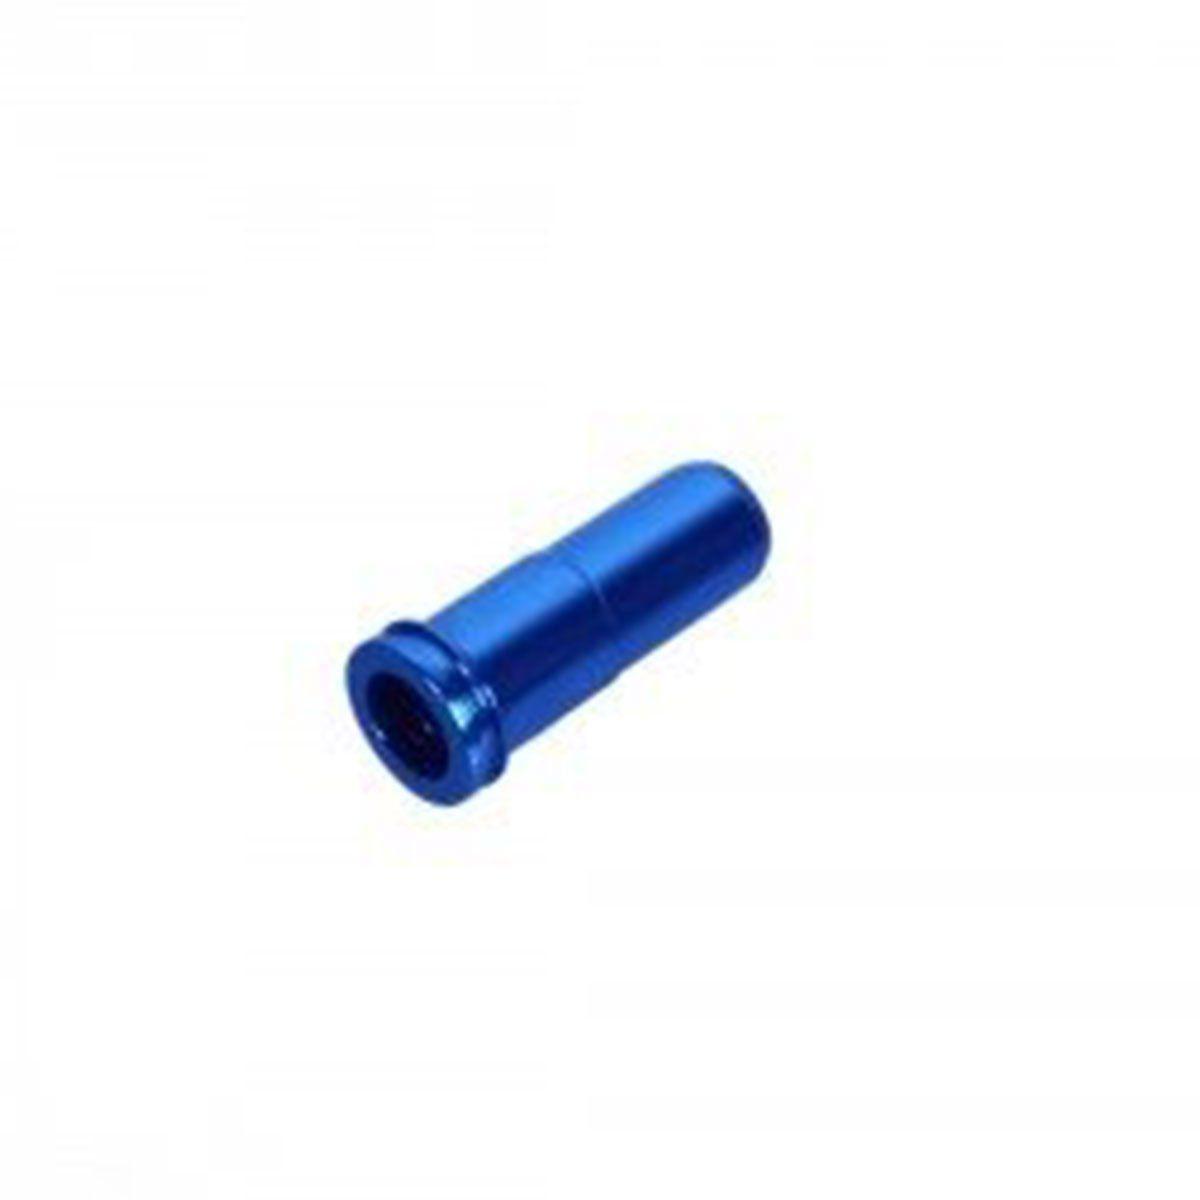 Bocal de ar (air nozzle) em aluminio com anel de vedação (v3 19,7mm)